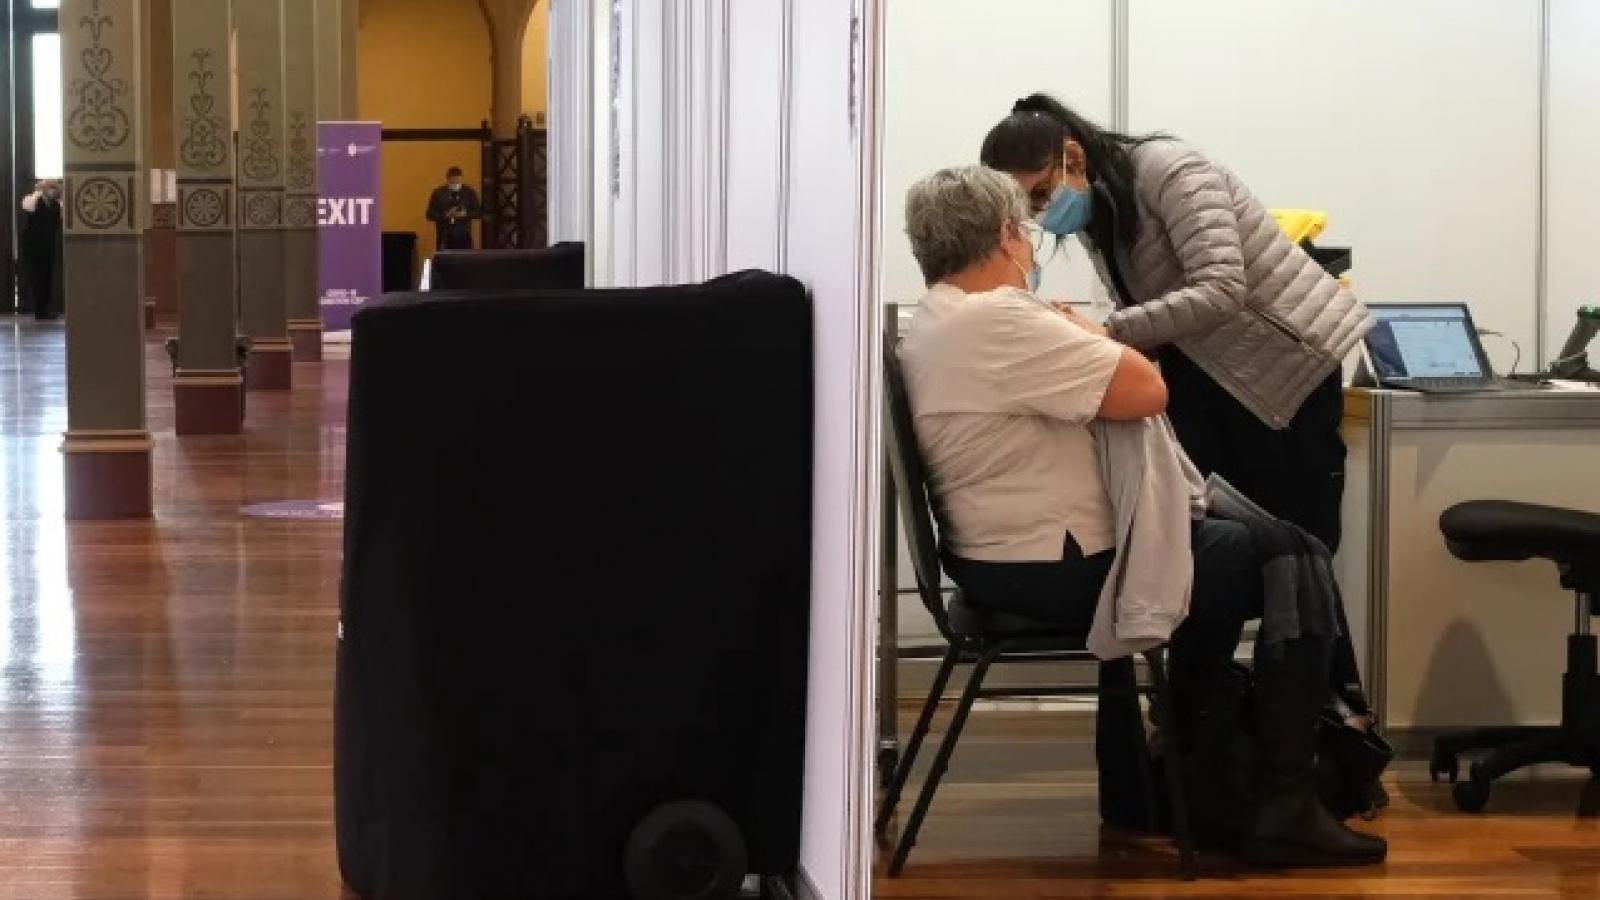 Australia đẩy nhanh tiêm chủng, Thái Lan vận dụng y học cổ truyền chữa Covid-19